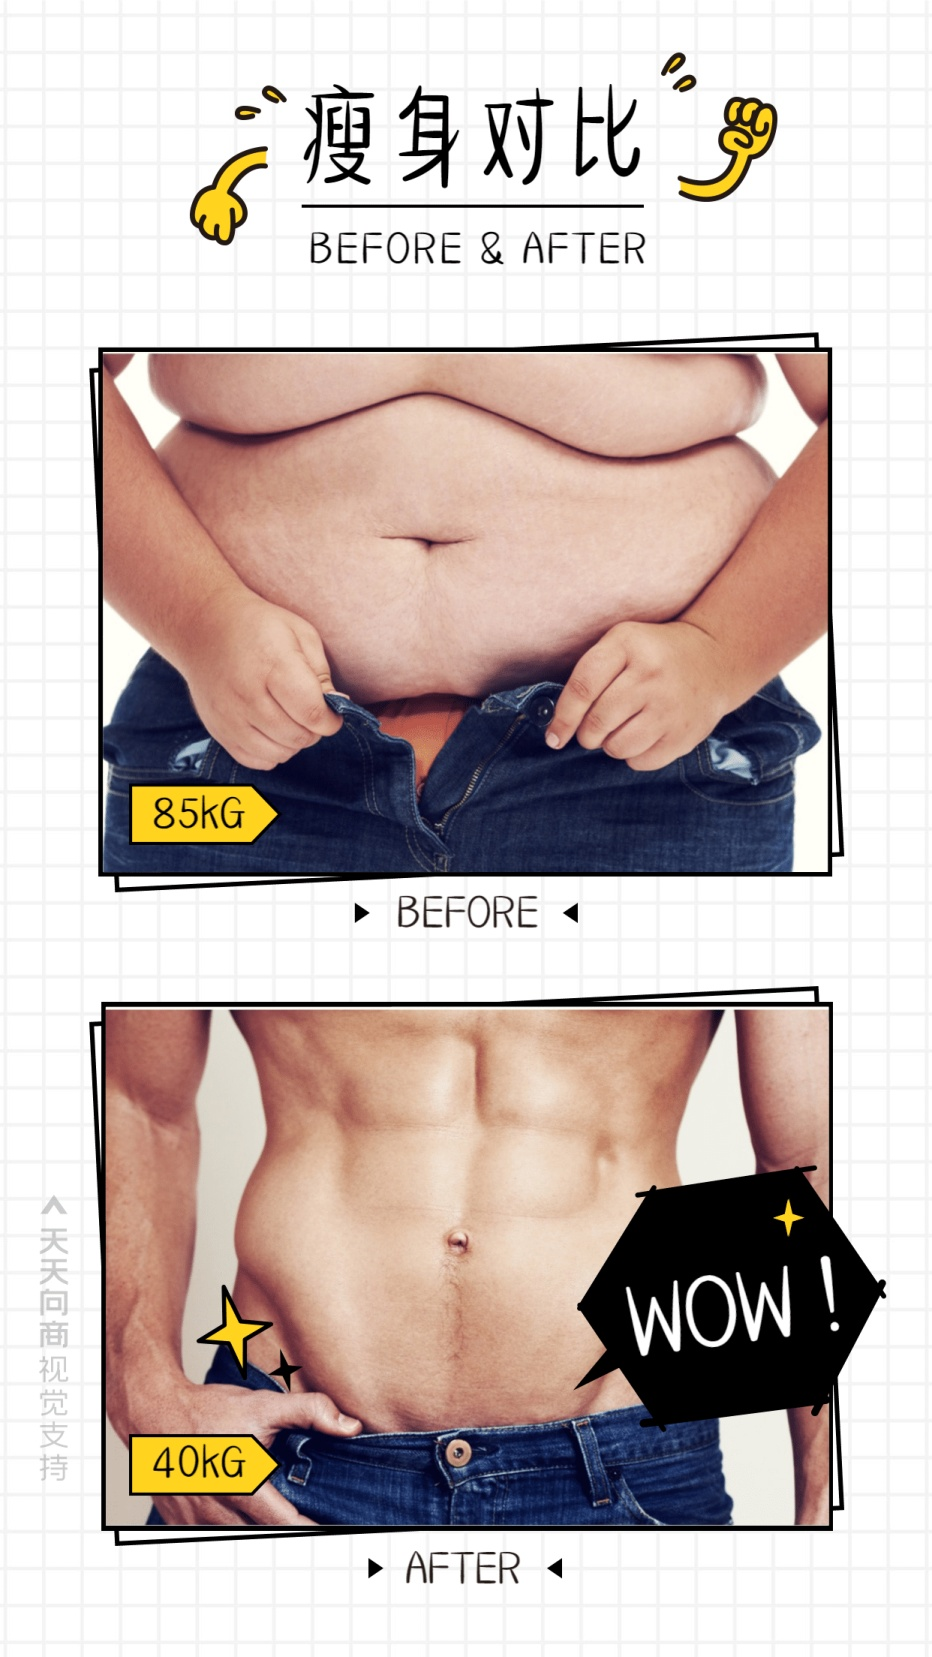 身材前后对比图健身营销